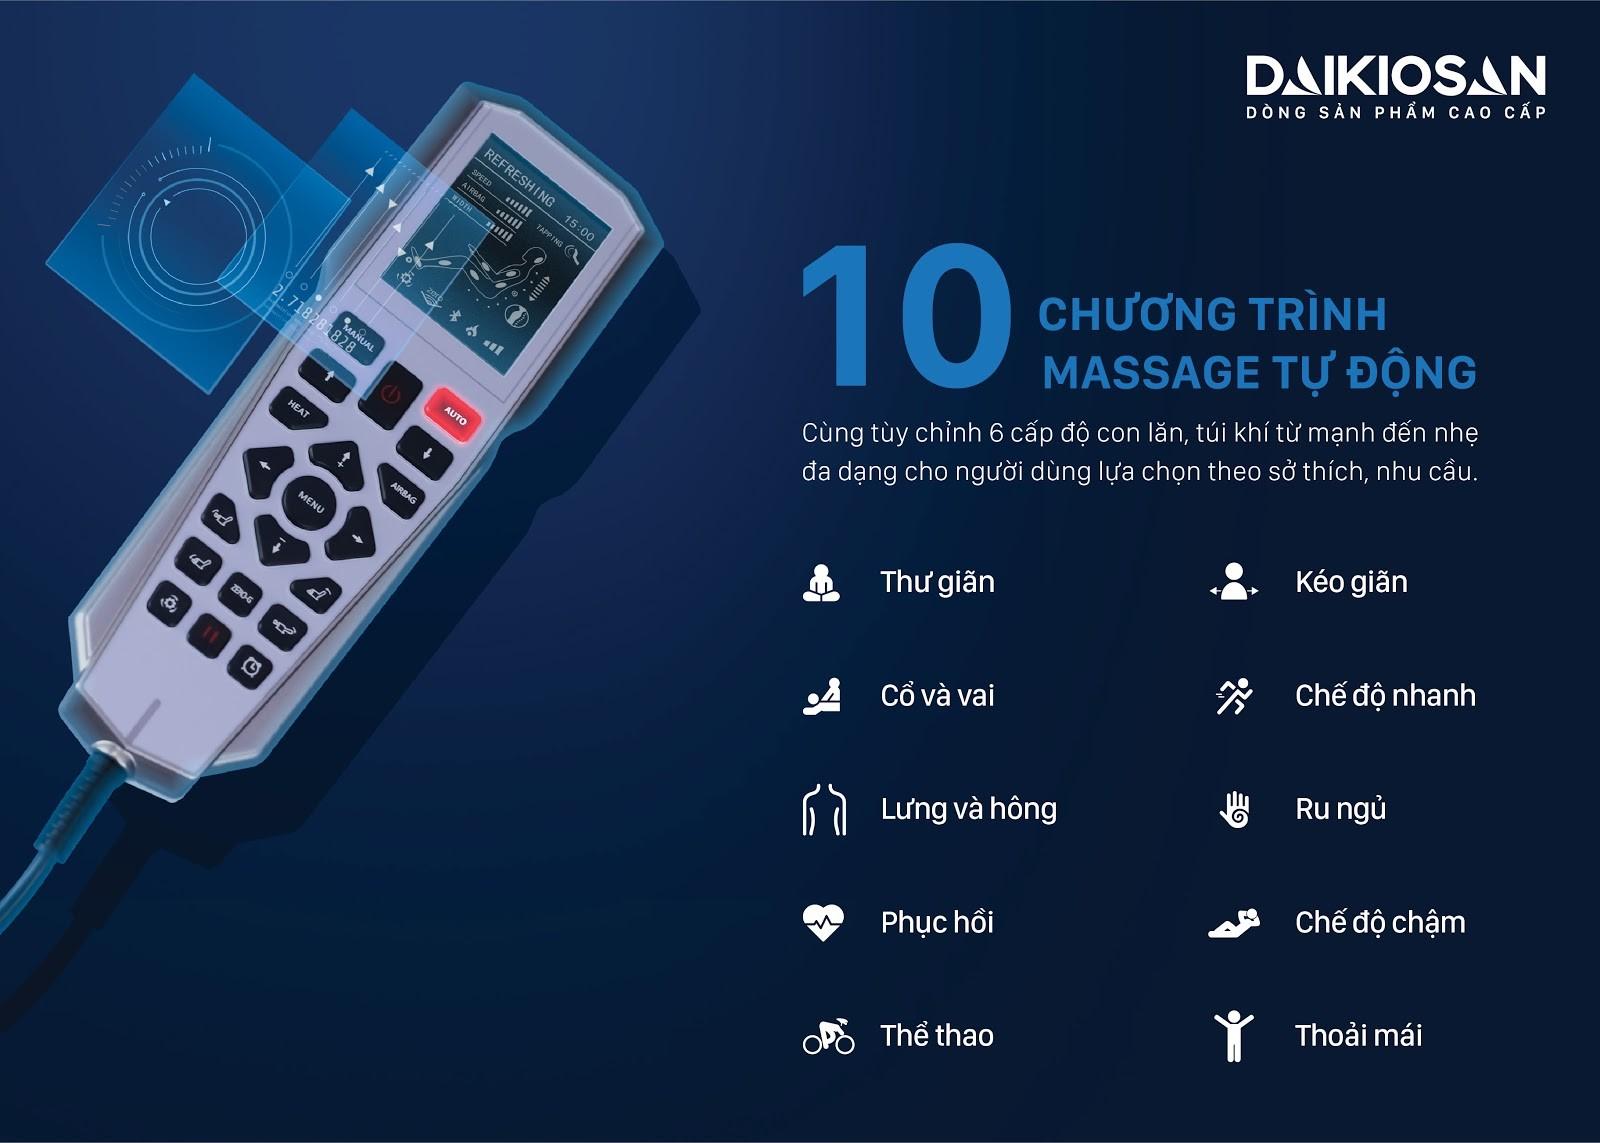 Ghế massage Makano, Daikiosan có dòng sở hữu 10 - 15 chương trình massage